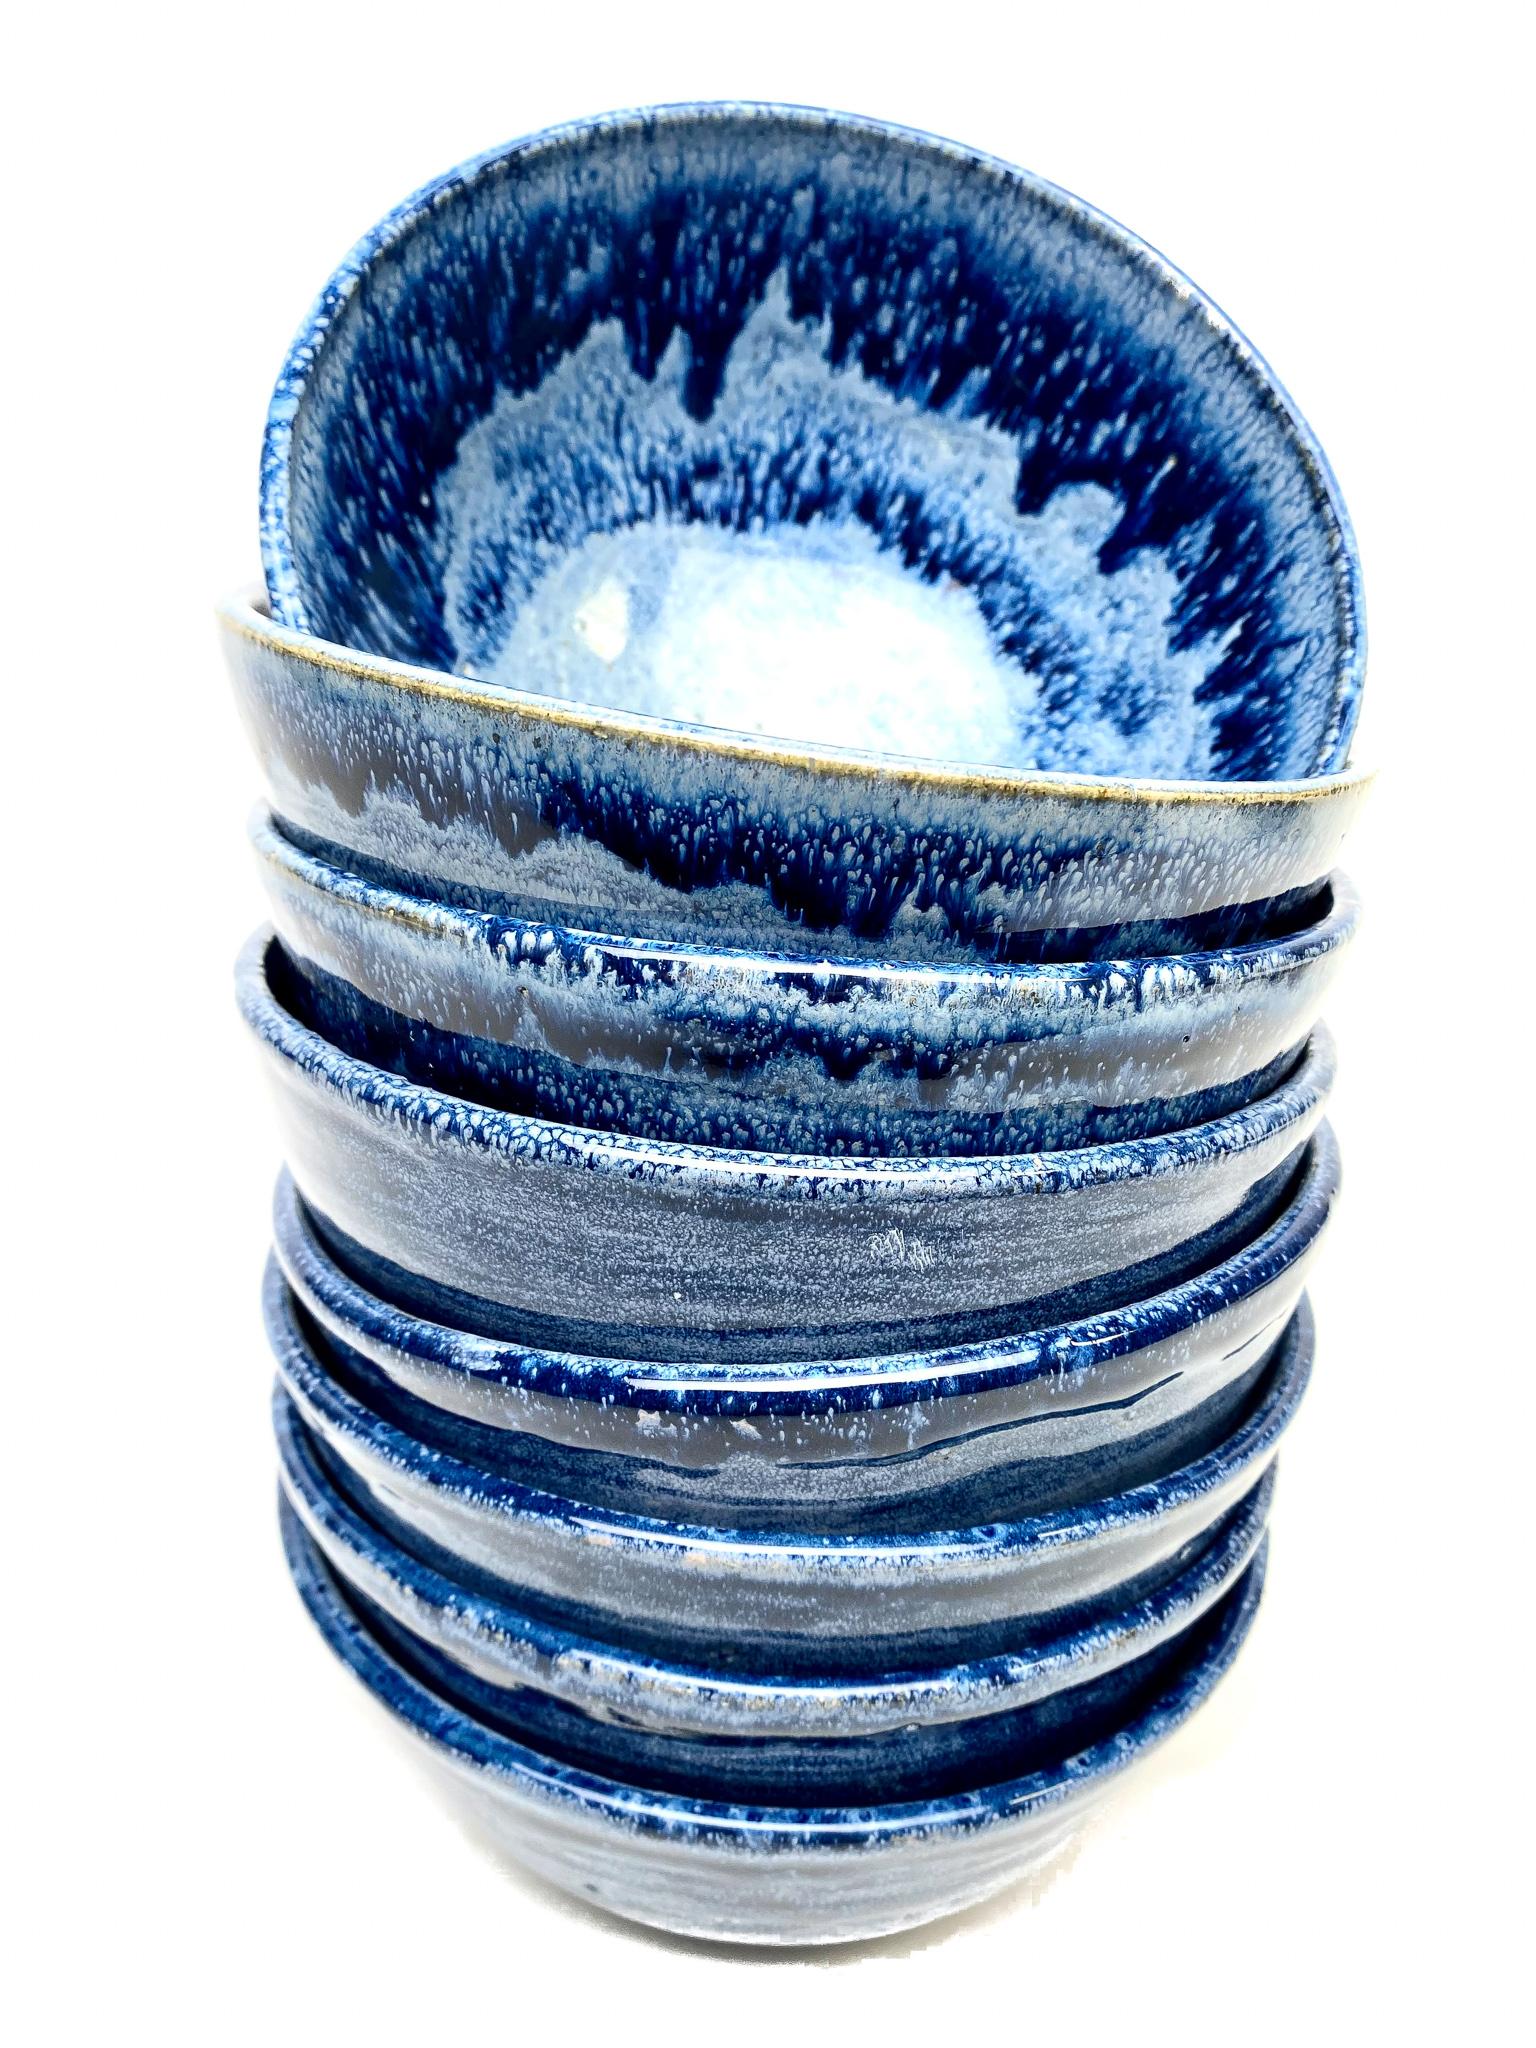 Set of Ocean Bowls